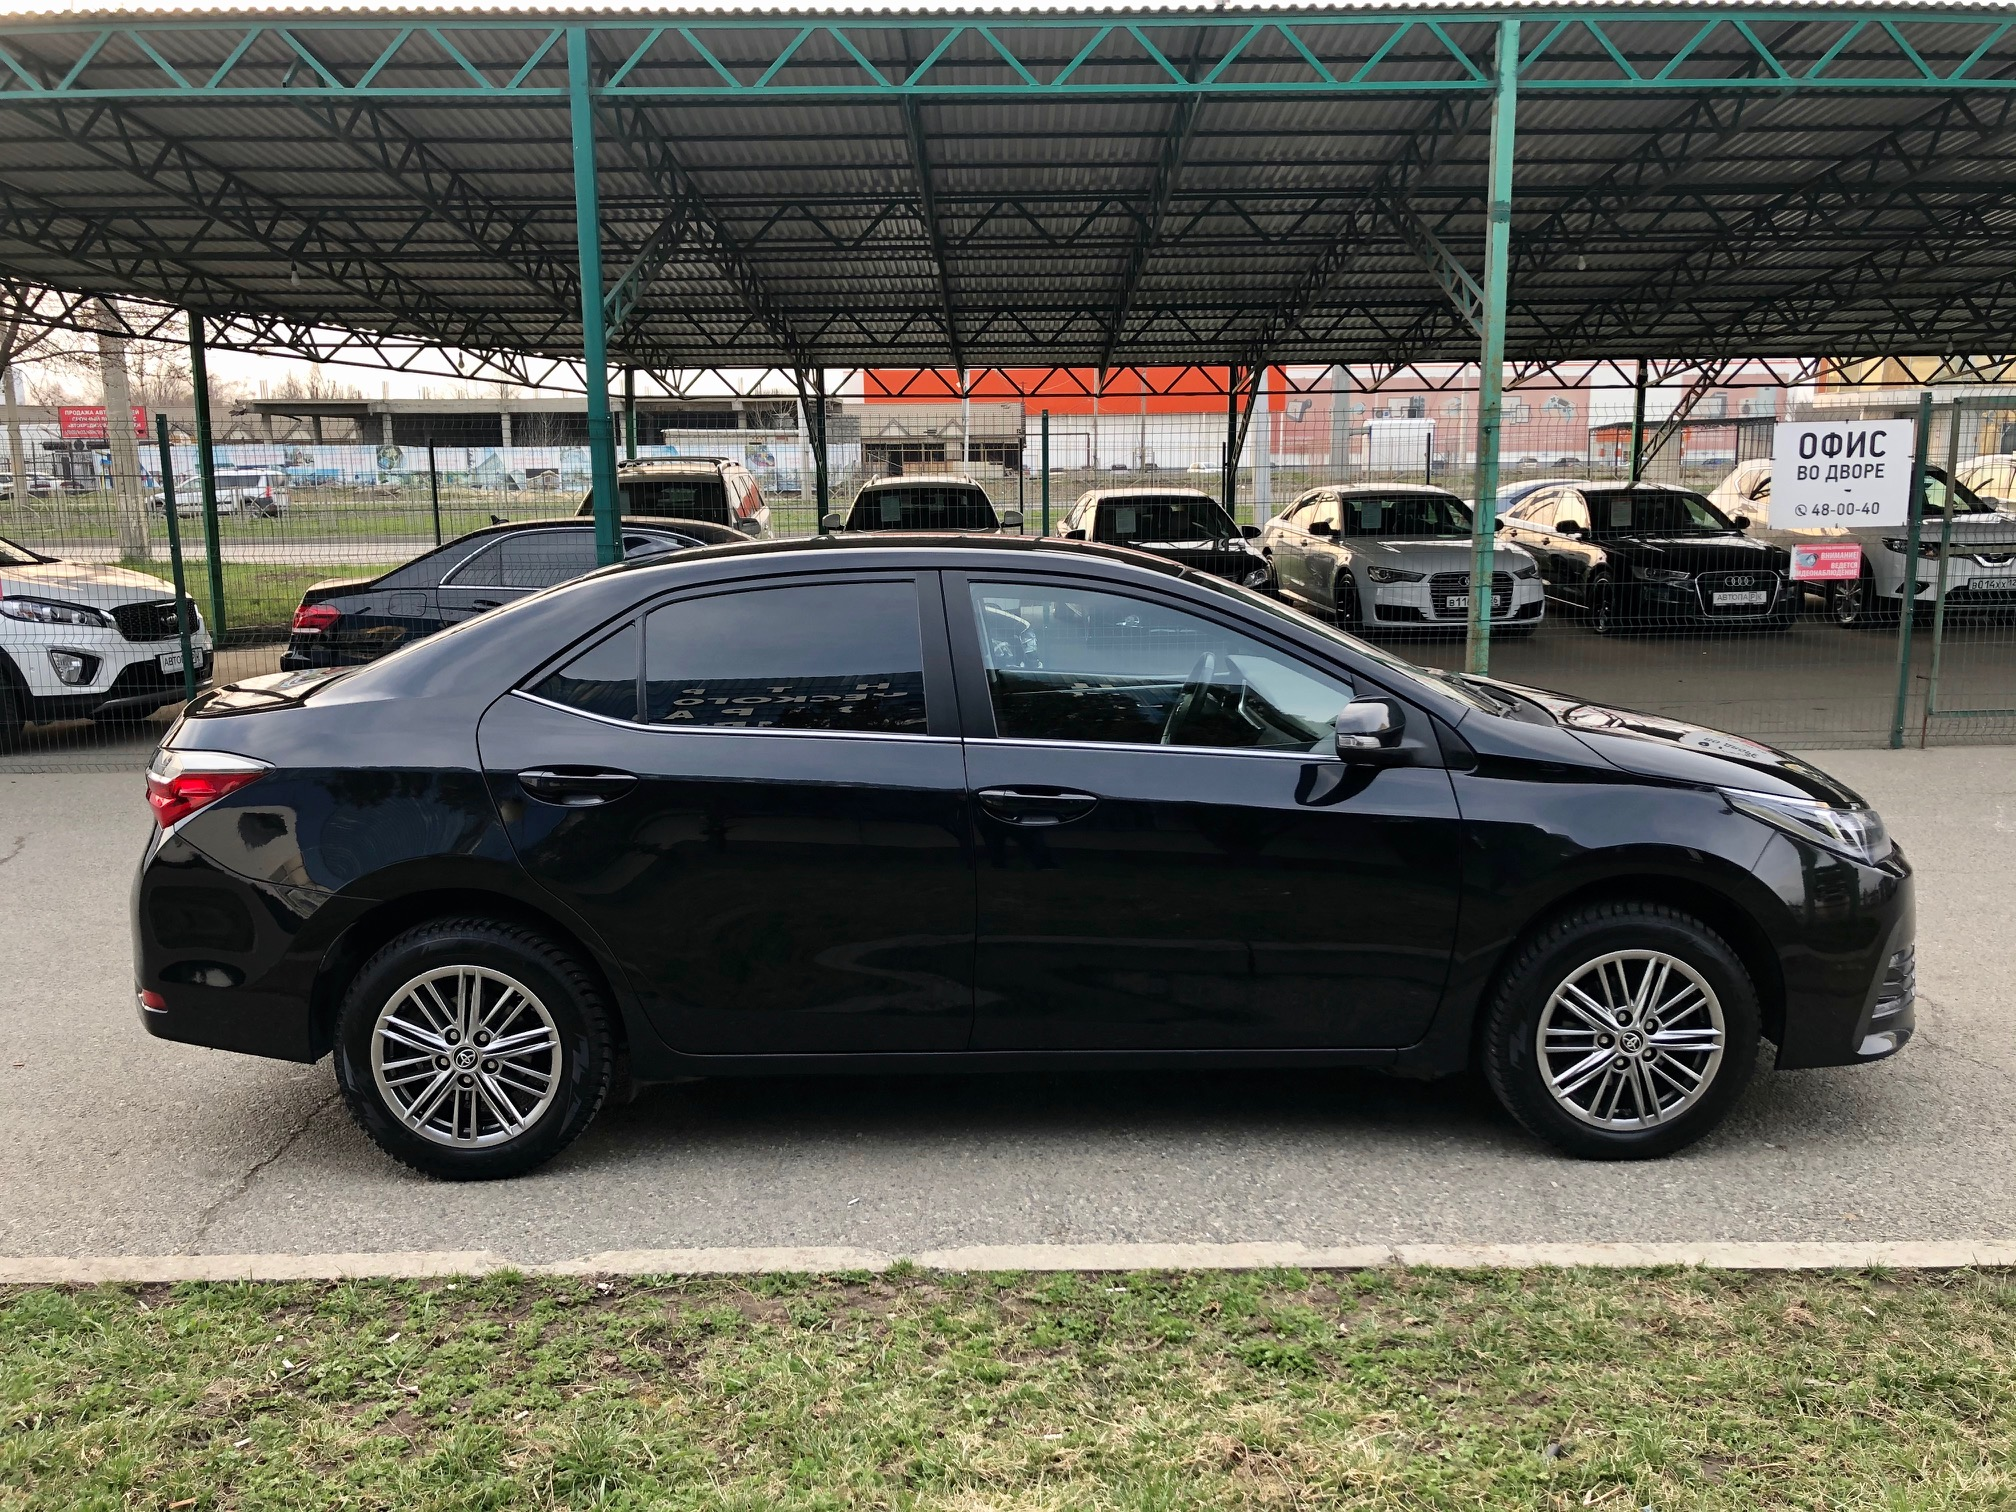 Купить Toyota Corolla (Черный) - Автопарк Ставрополь